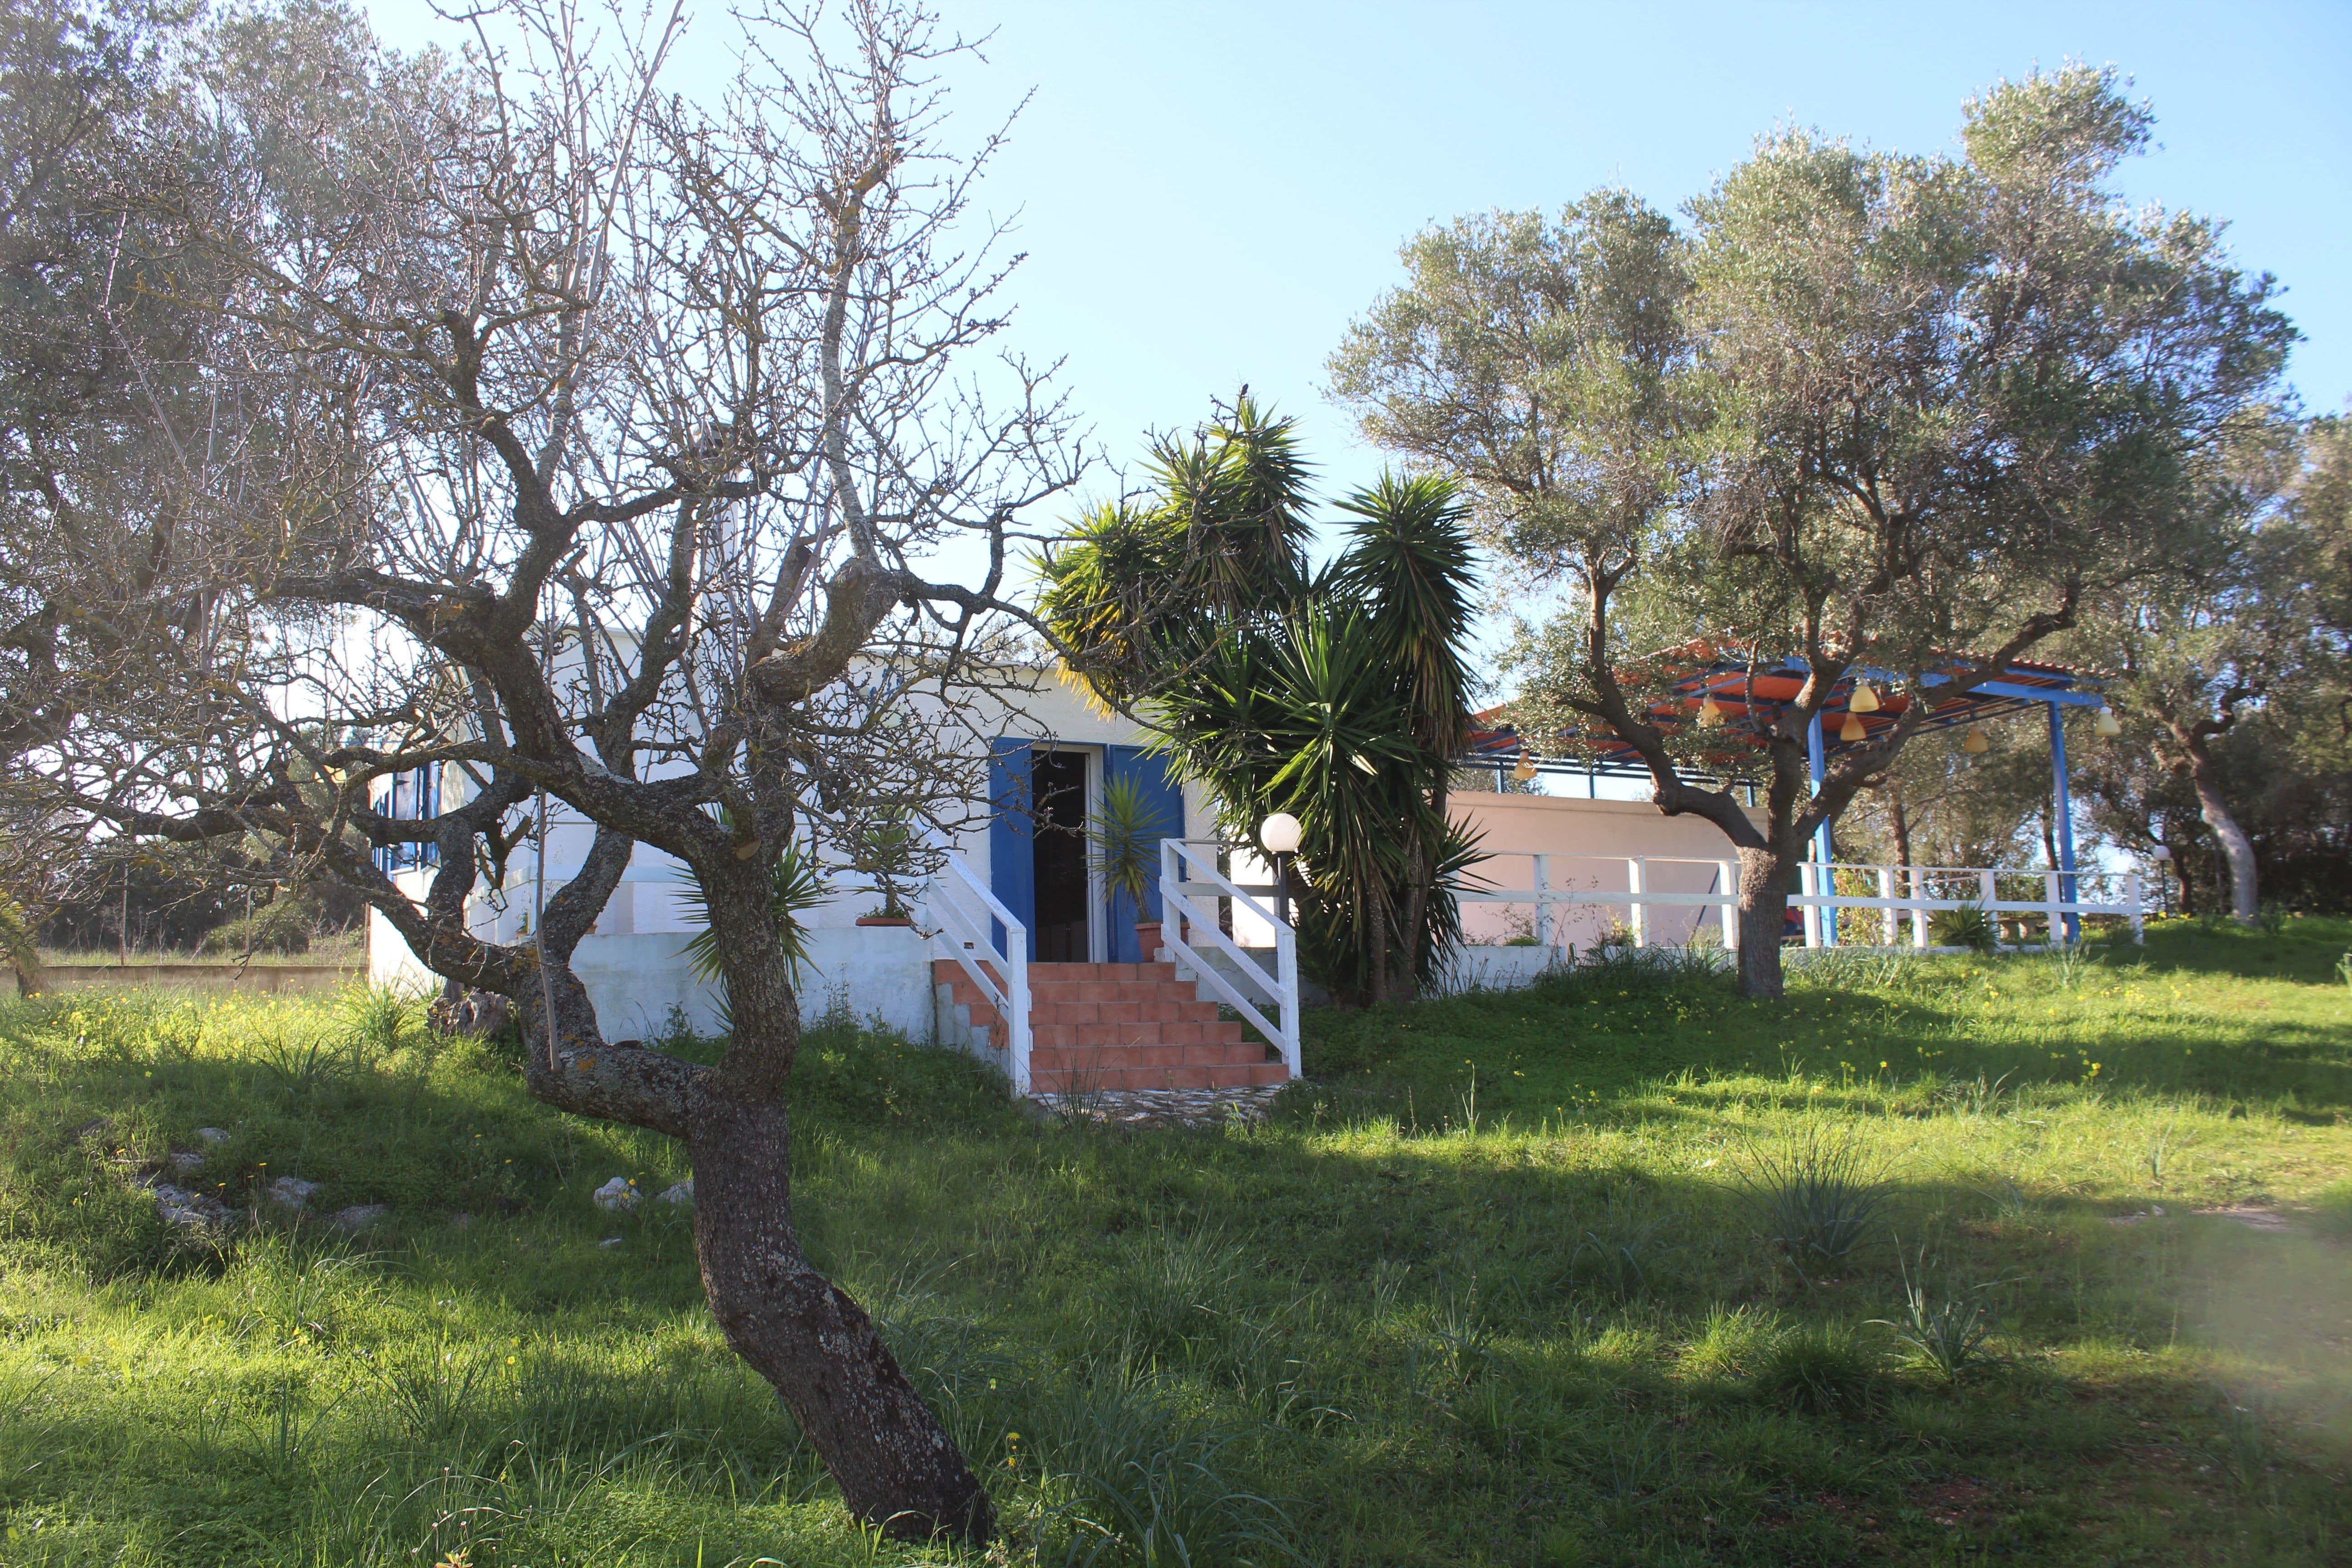 Villino in Contrada Portone Ruggiero